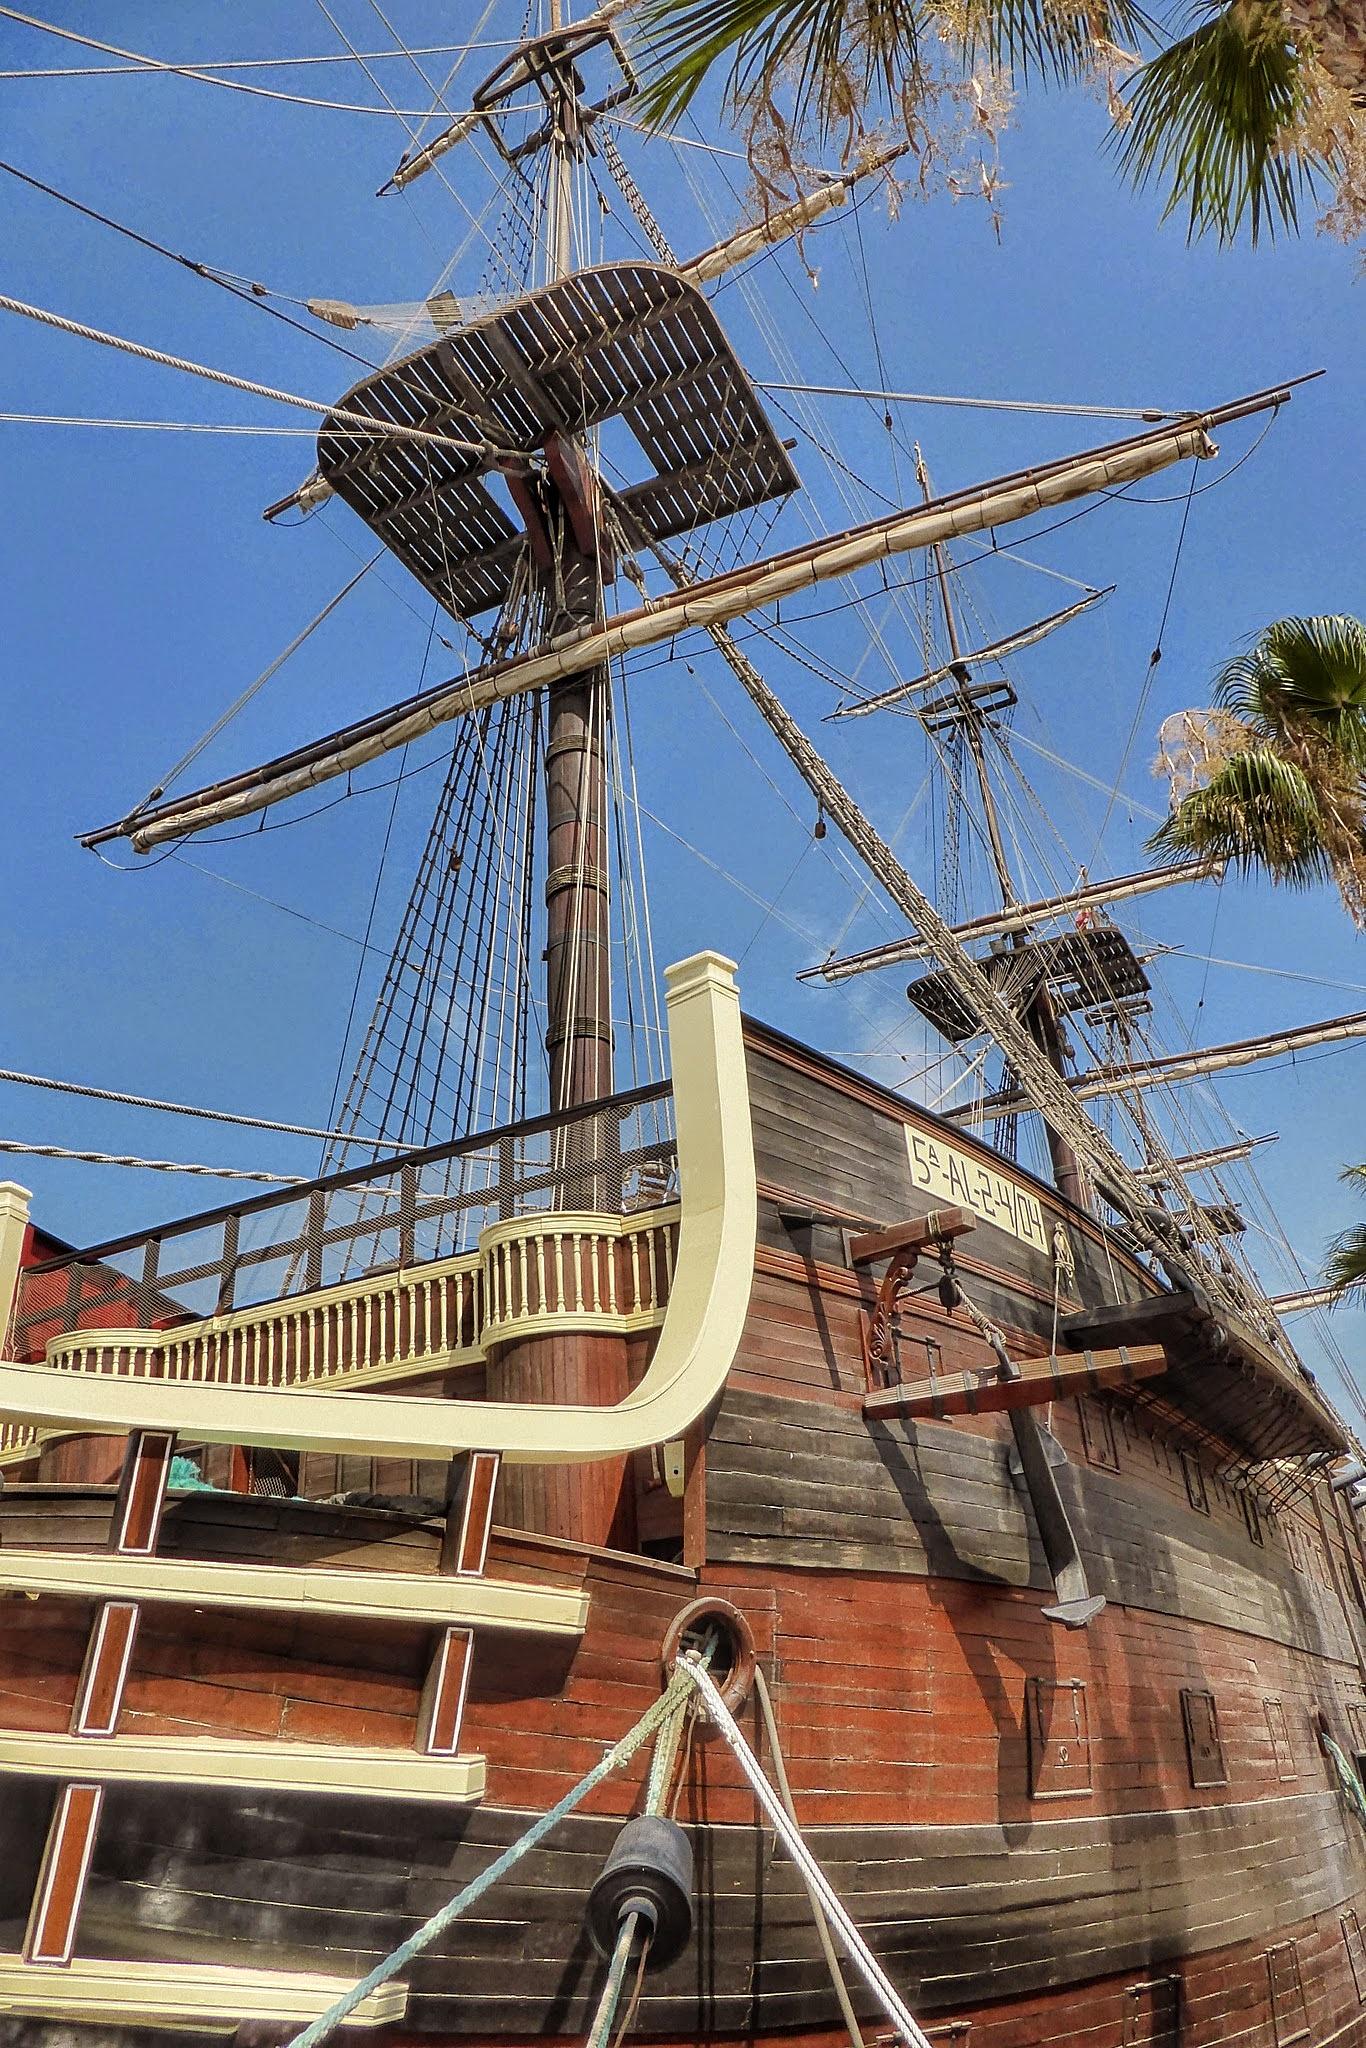 En el puerto by Javier Heras Miguel